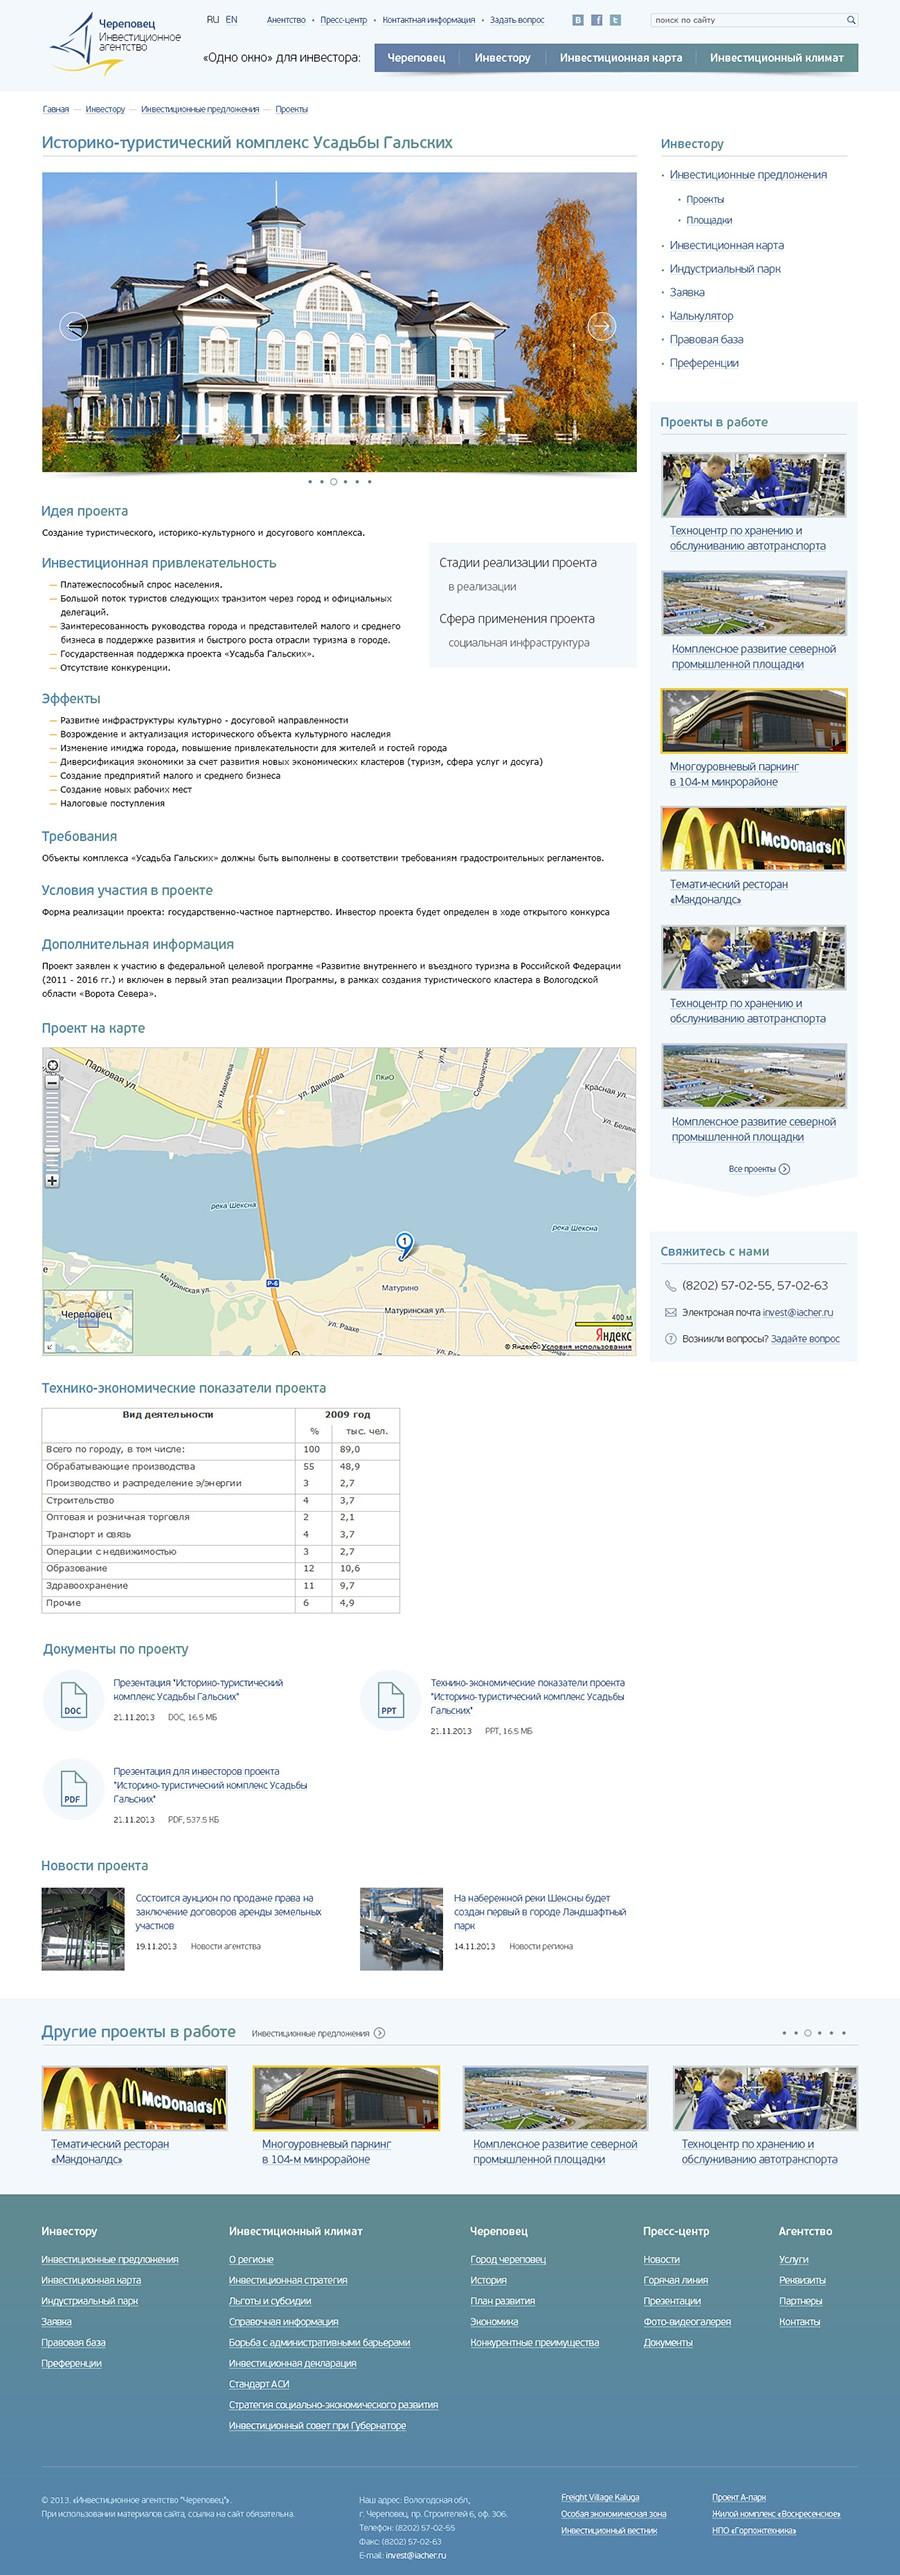 Страница с информацией о проекте